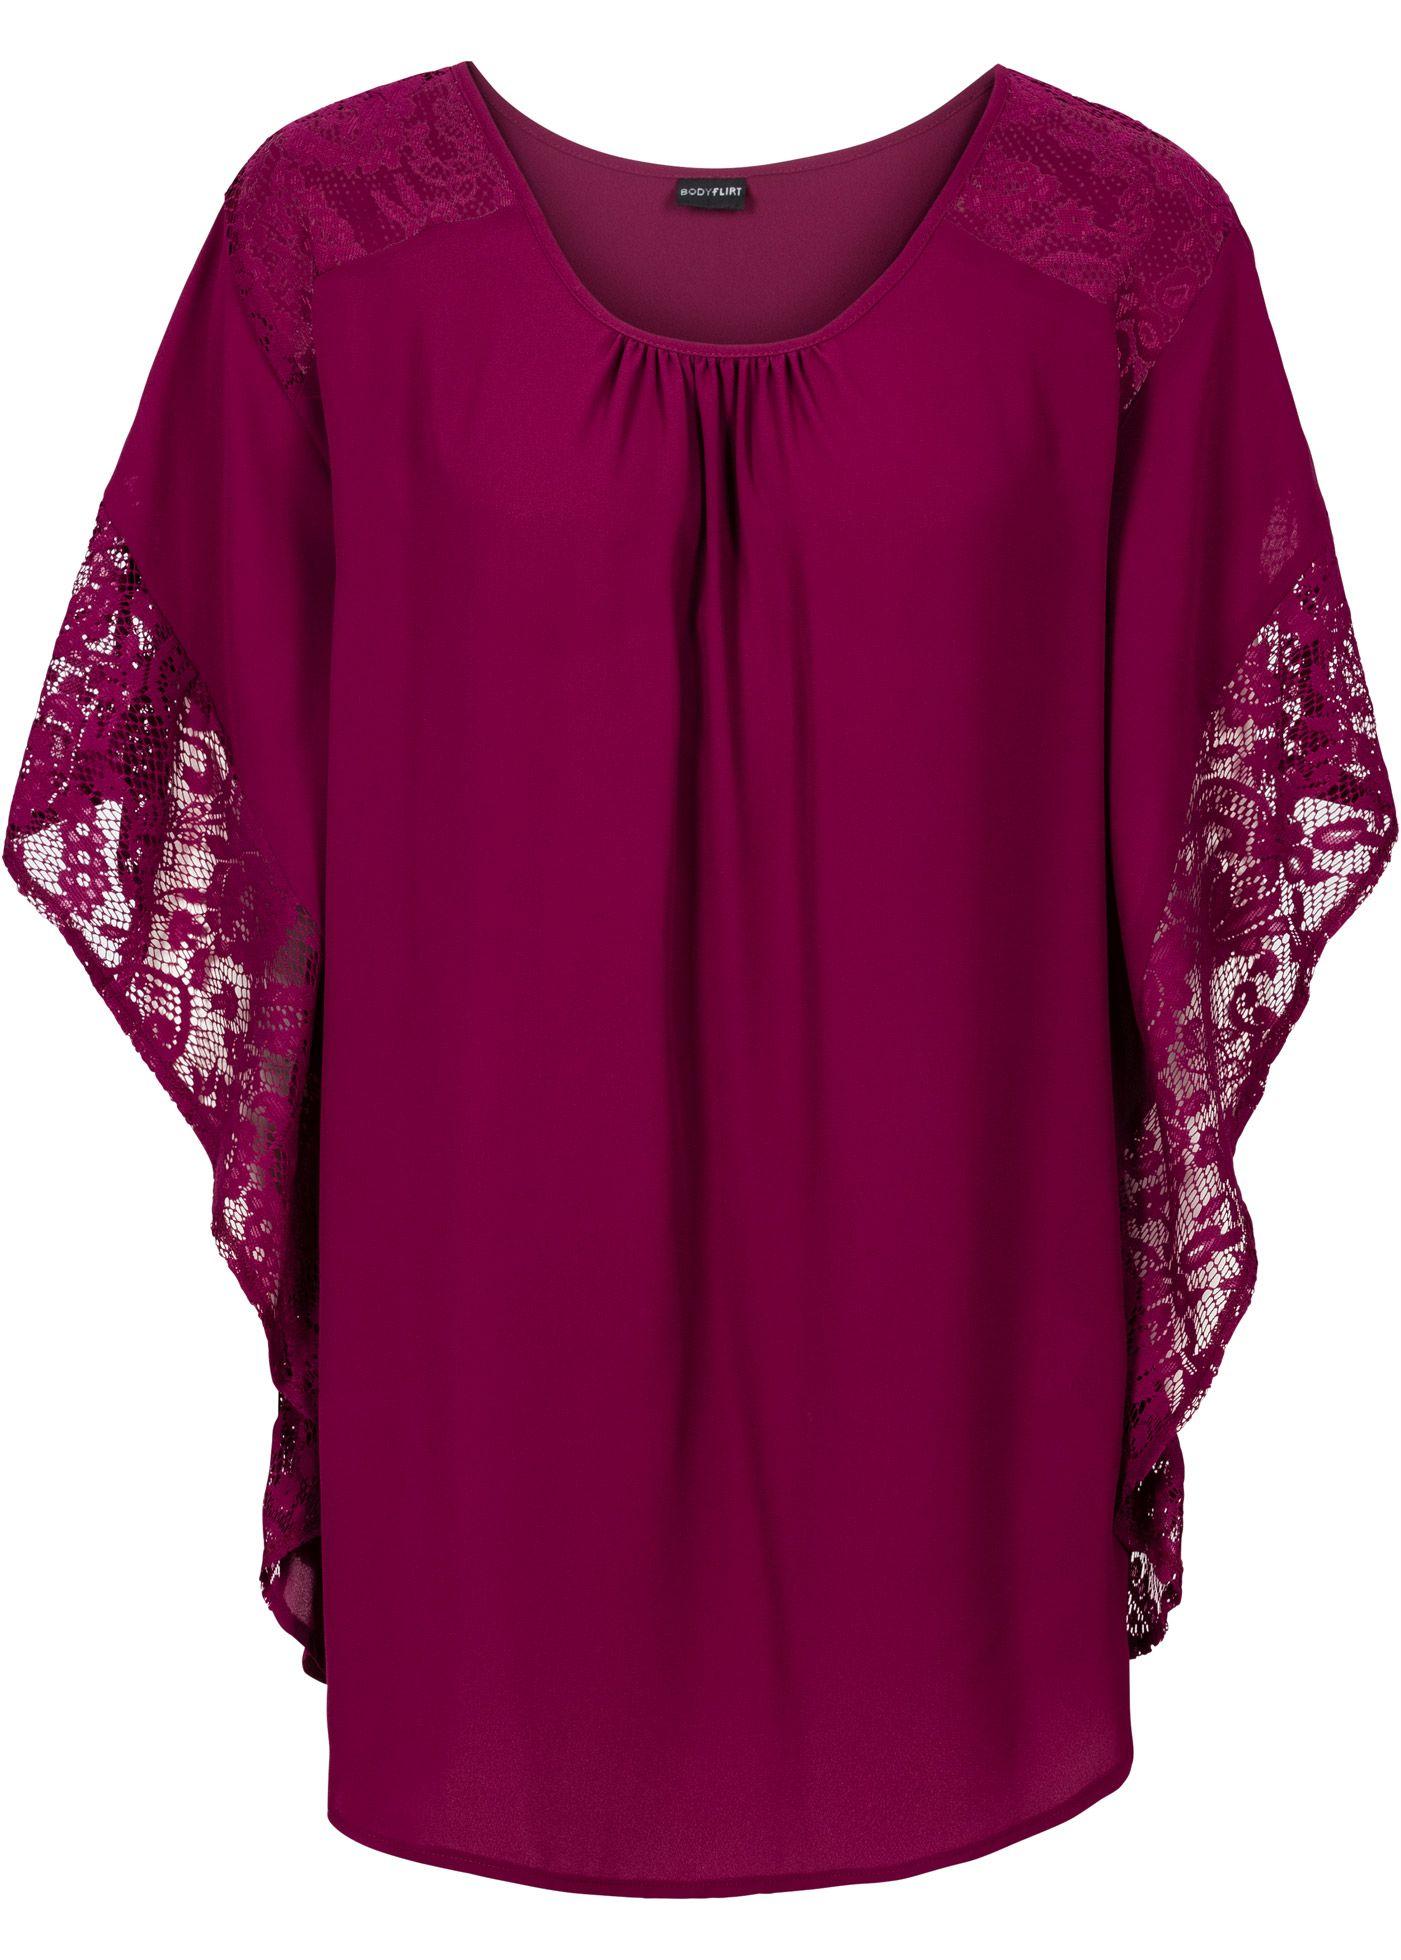 Blouse bessen - BODYFLIRT nu in de onlineshop van bonprix.nl vanaf ? 22.99 bestellen. Deze blouse van het merk BODYFLIRT betovert met een vrouwelijke ...